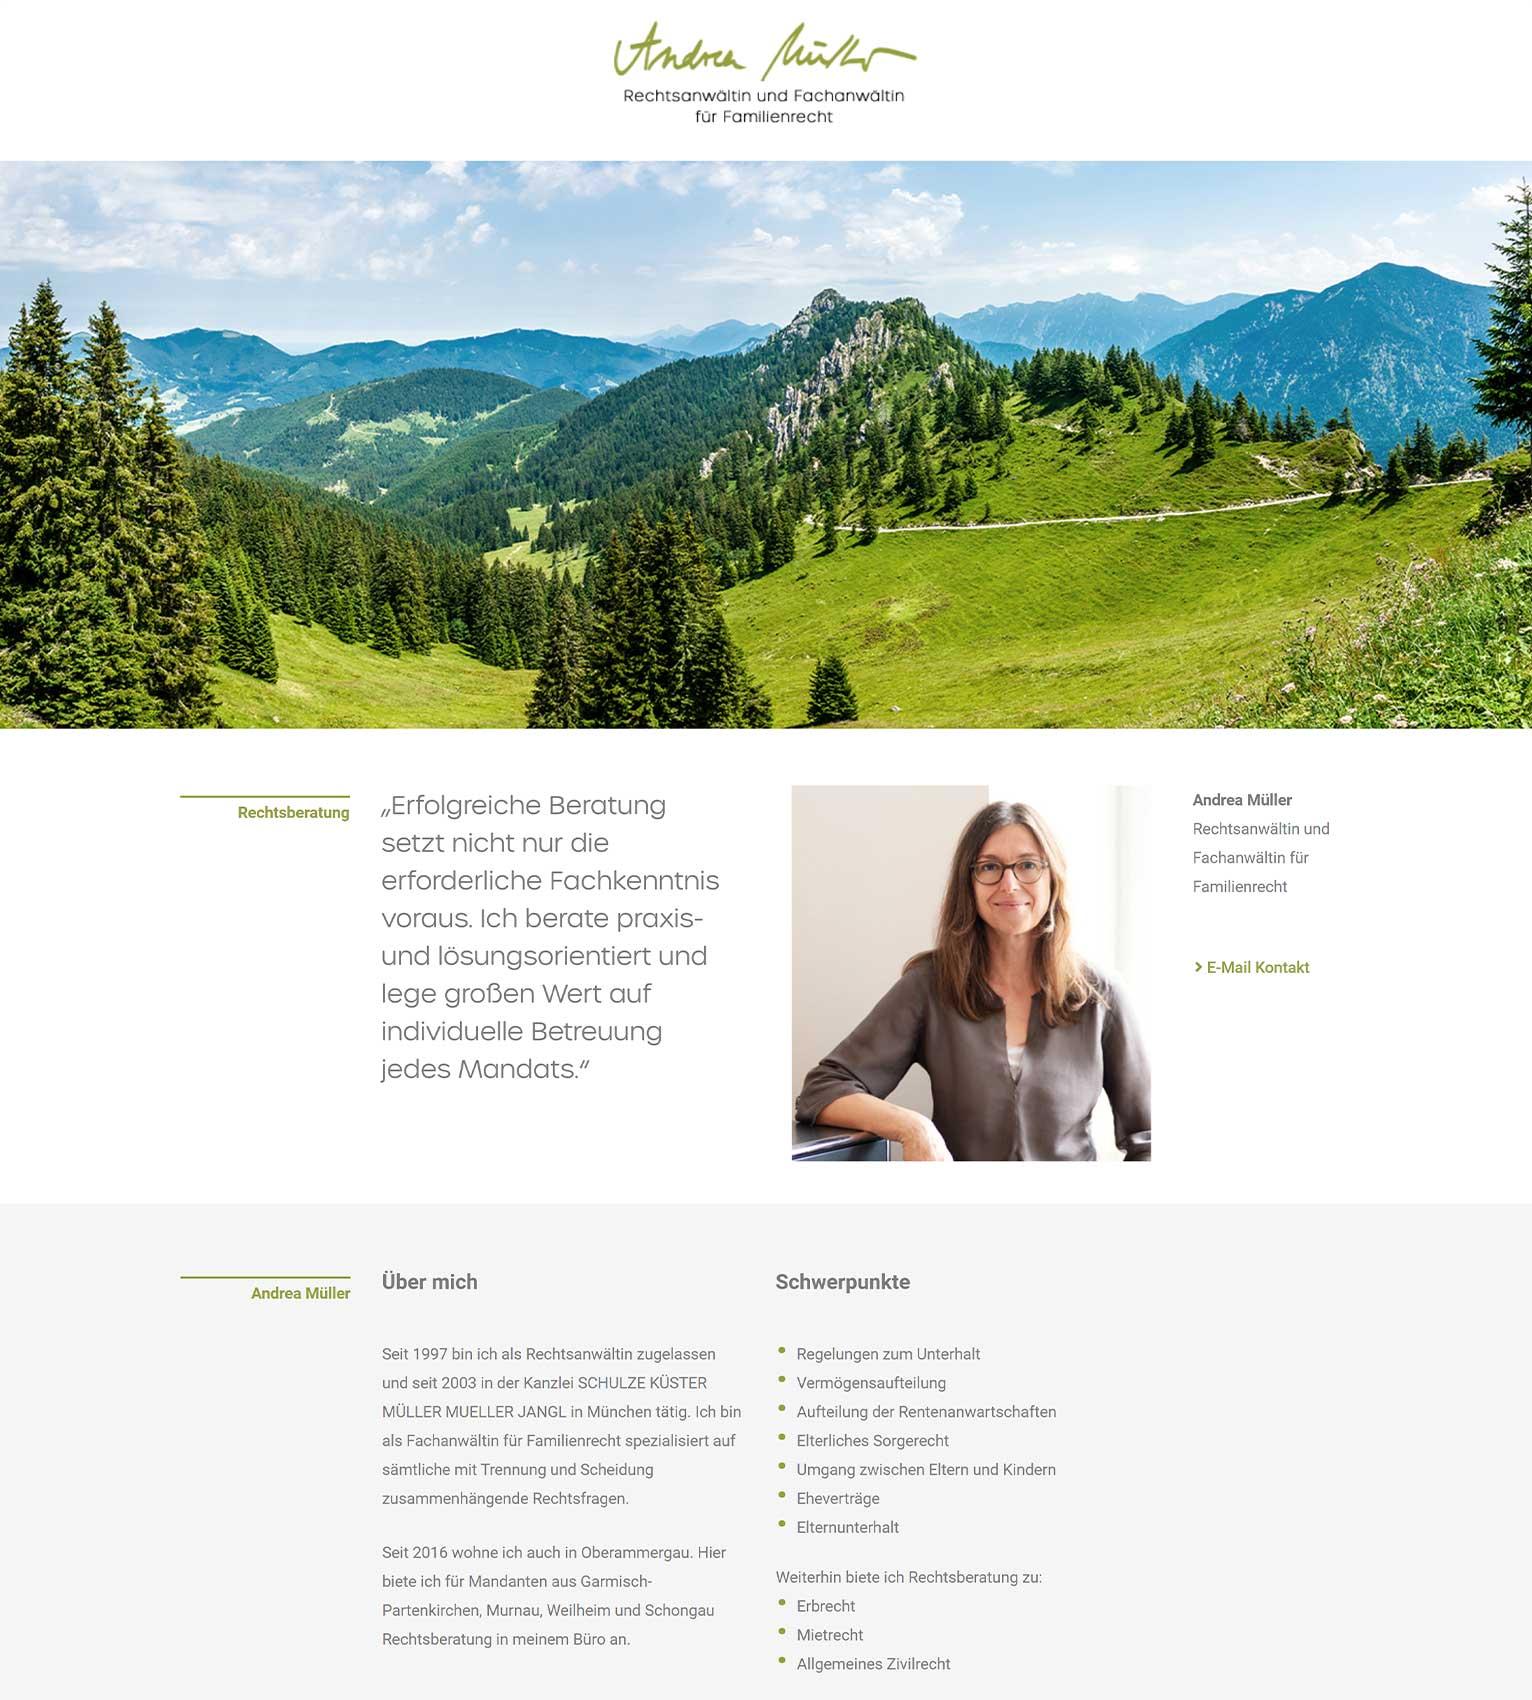 Beratung, Webprojekt, Responsive, Rechtsanwältin, Luckypage, München, Agentur für Web, SEO, Digital Marketing, Komunikationsberatung, München